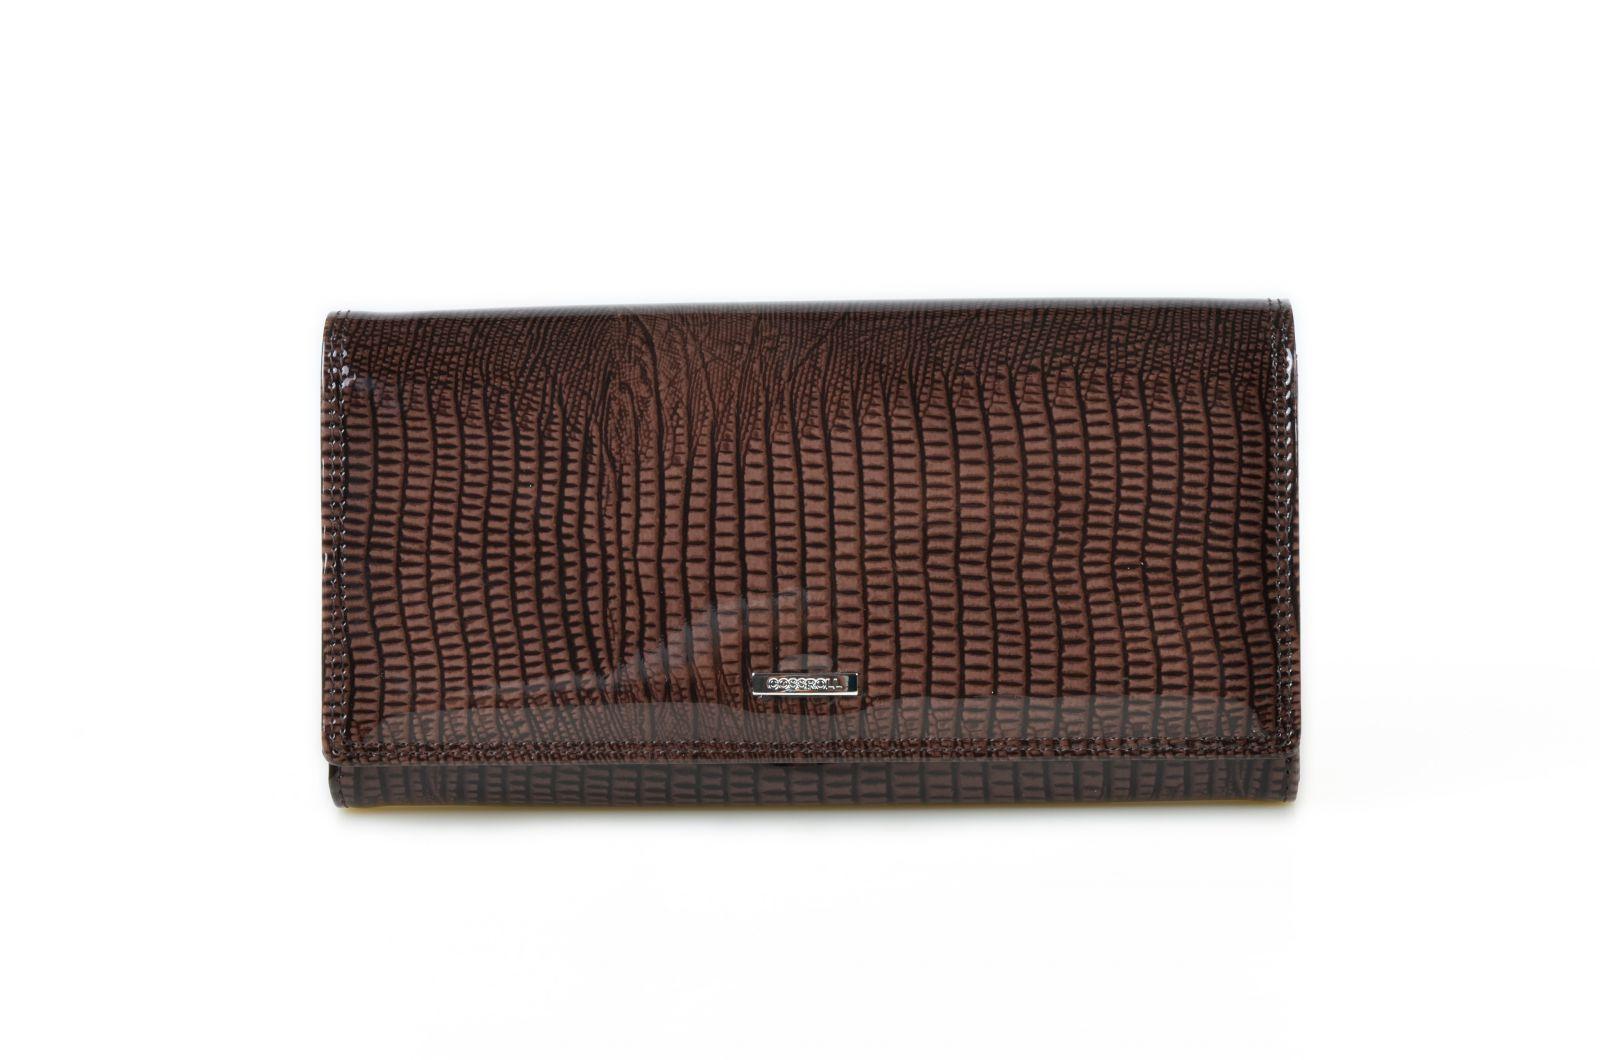 Dámská kožená peněženka v krabičce Cossroll C09-5242 sp hnědá